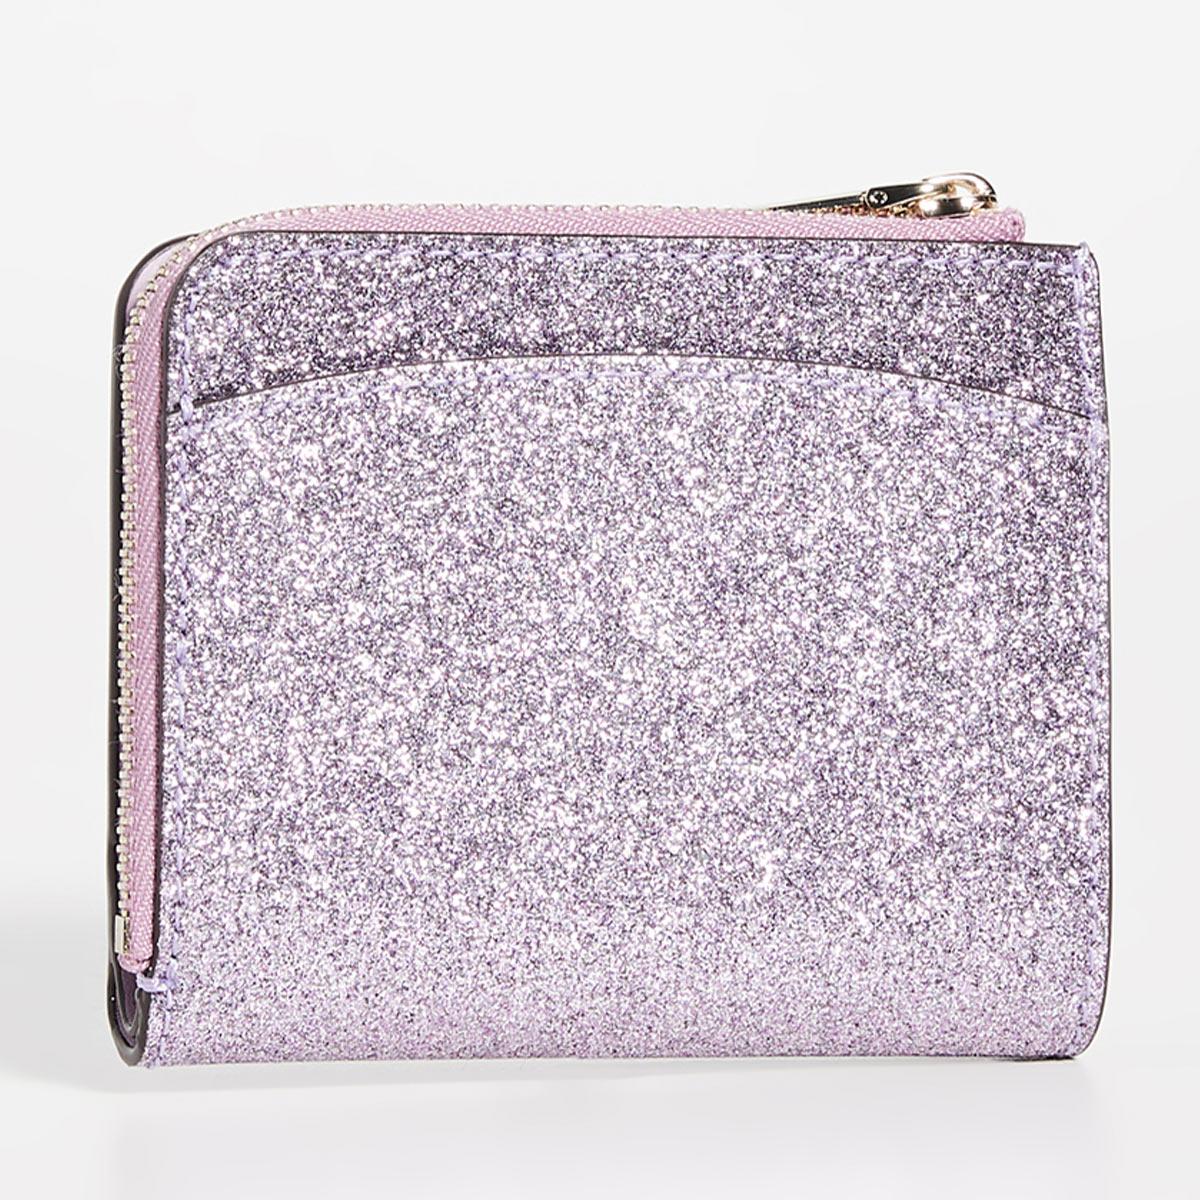 ケイトスペード 財布 二つ折り財布 ミニ財布 折財布 グリッター レディース ブランド コンパクト KATE SPADE NEW YORK